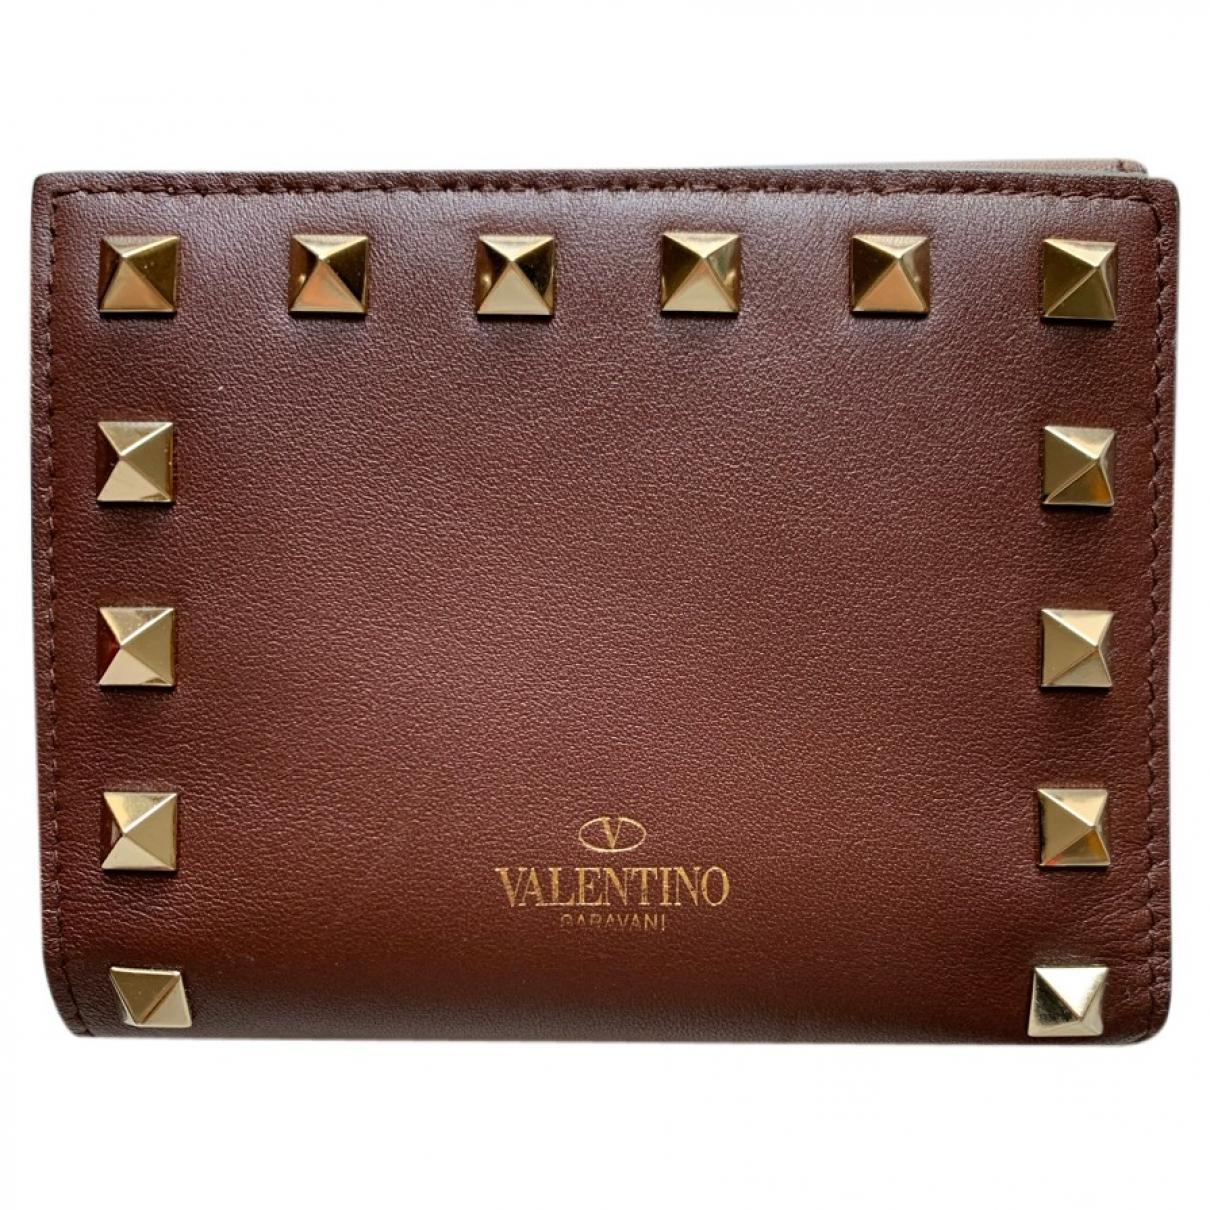 Valentino Garavani \N Portemonnaie in  Braun Leder